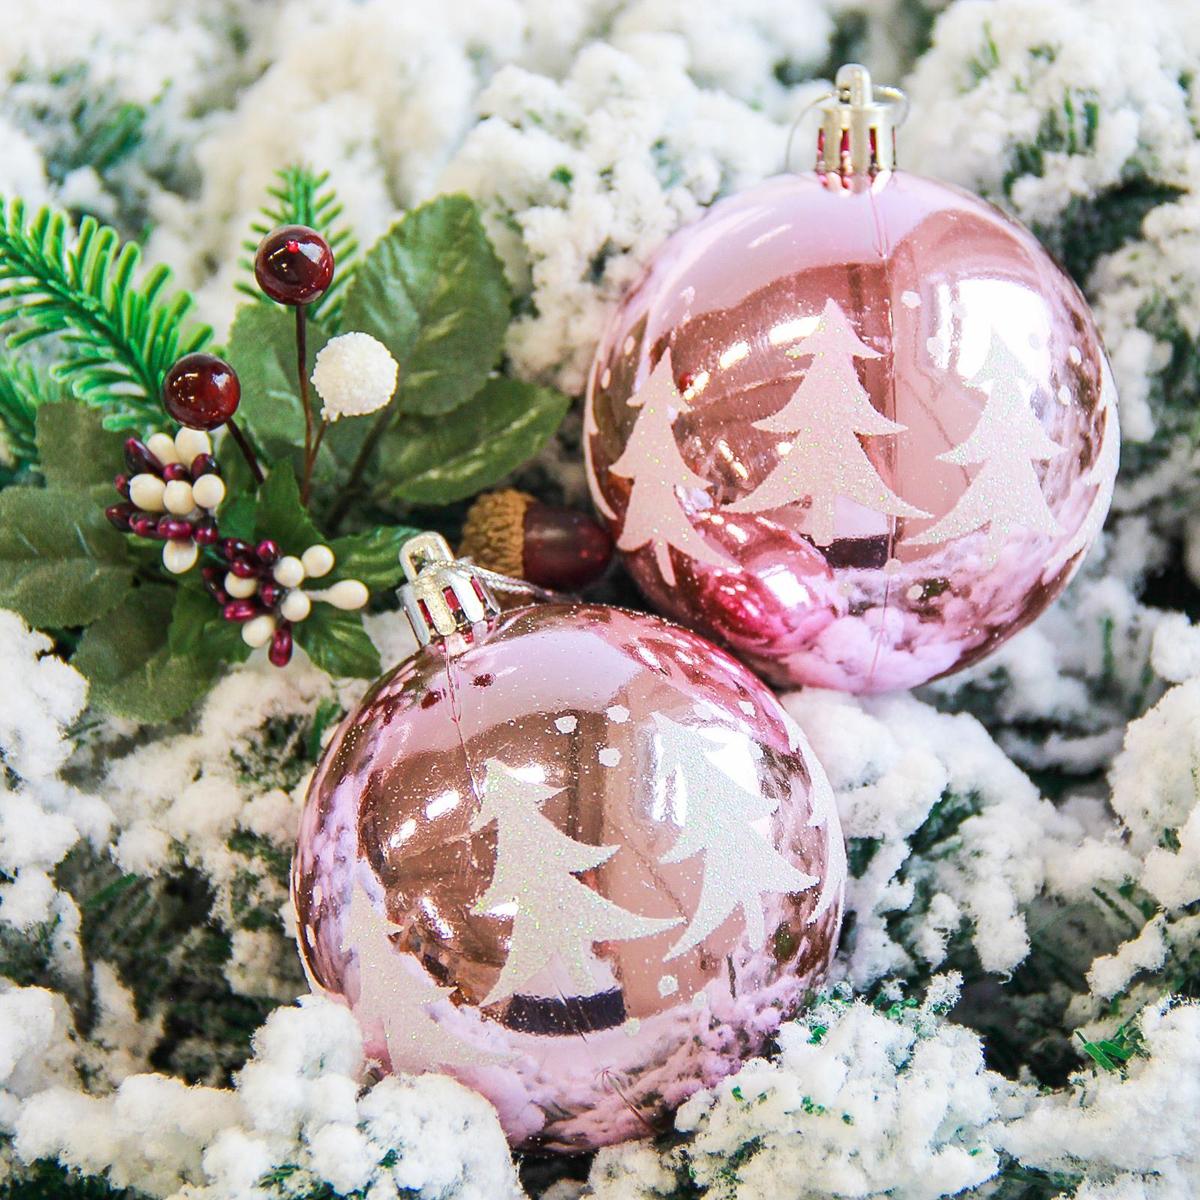 Набор новогодних подвесных украшений Sima-land Елочки, диаметр 8 см, 6 шт. 21781902178190Набор новогодних подвесных украшений Sima-land отлично подойдет для декорации вашего дома и новогодней ели. С помощью специальной петельки украшение можно повесить в любом понравившемся вам месте. Но, конечно, удачнее всего оно будет смотреться на праздничной елке. Елочная игрушка - символ Нового года. Она несет в себе волшебство и красоту праздника. Создайте в своем доме атмосферу веселья и радости, украшая новогоднюю елку нарядными игрушками, которые будут из года в год накапливать теплоту воспоминаний.